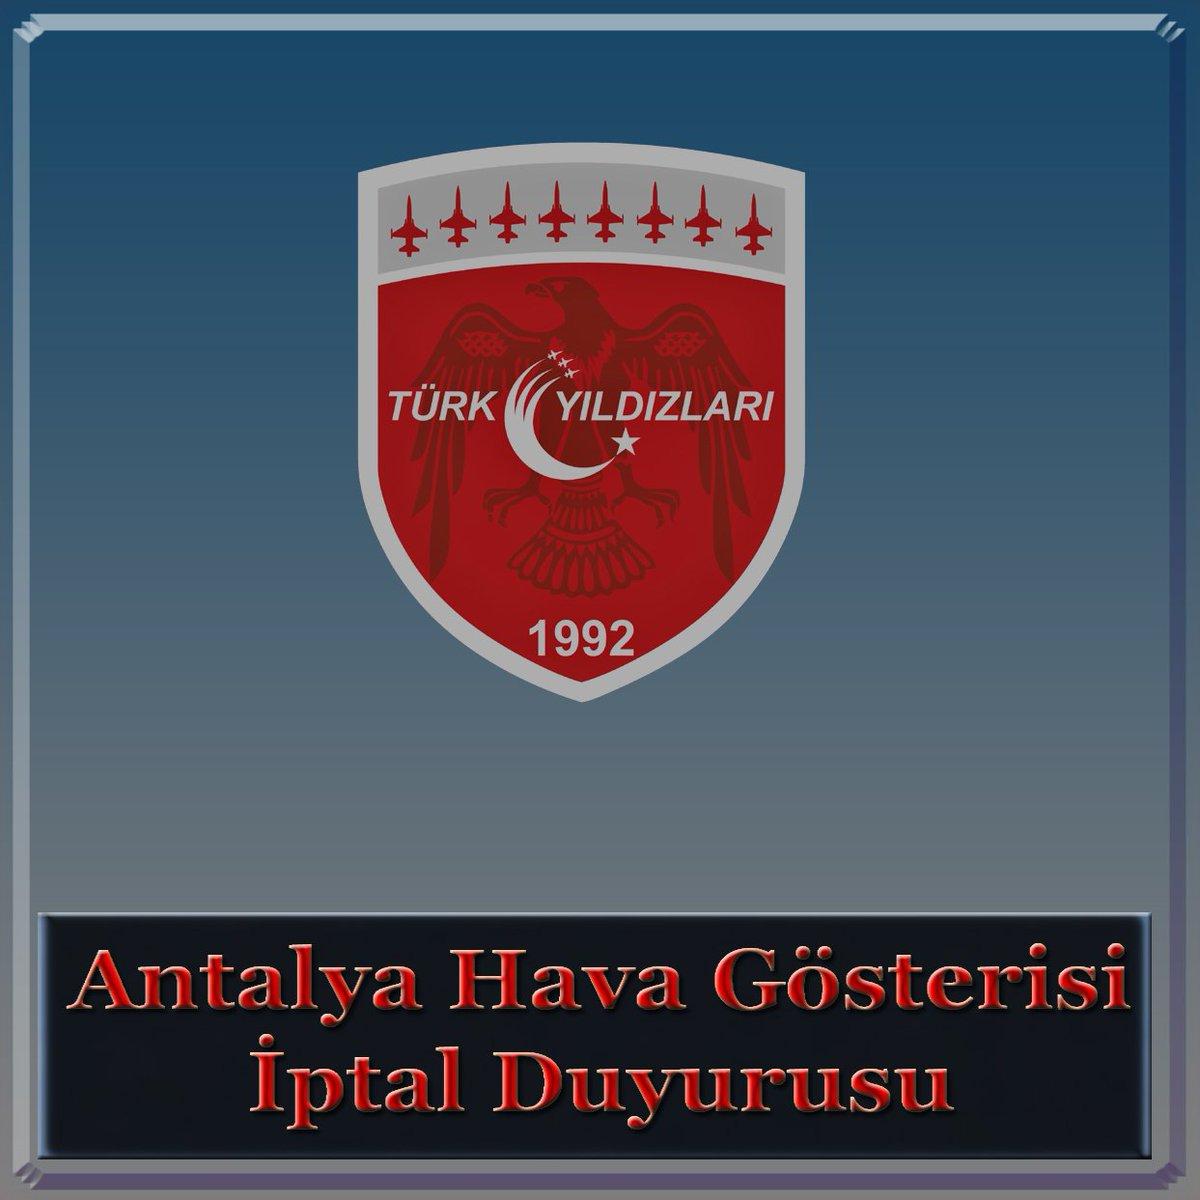 01 Mart 2020 Pazar günü Antalya'da icrası planlı faaliyetimiz iptal edilmiştir. #antalya #TürkYıldızları #turkyildizlari #vatan @antalya1207 @AntalyaValilik https://t.co/0yhEVdkh3M